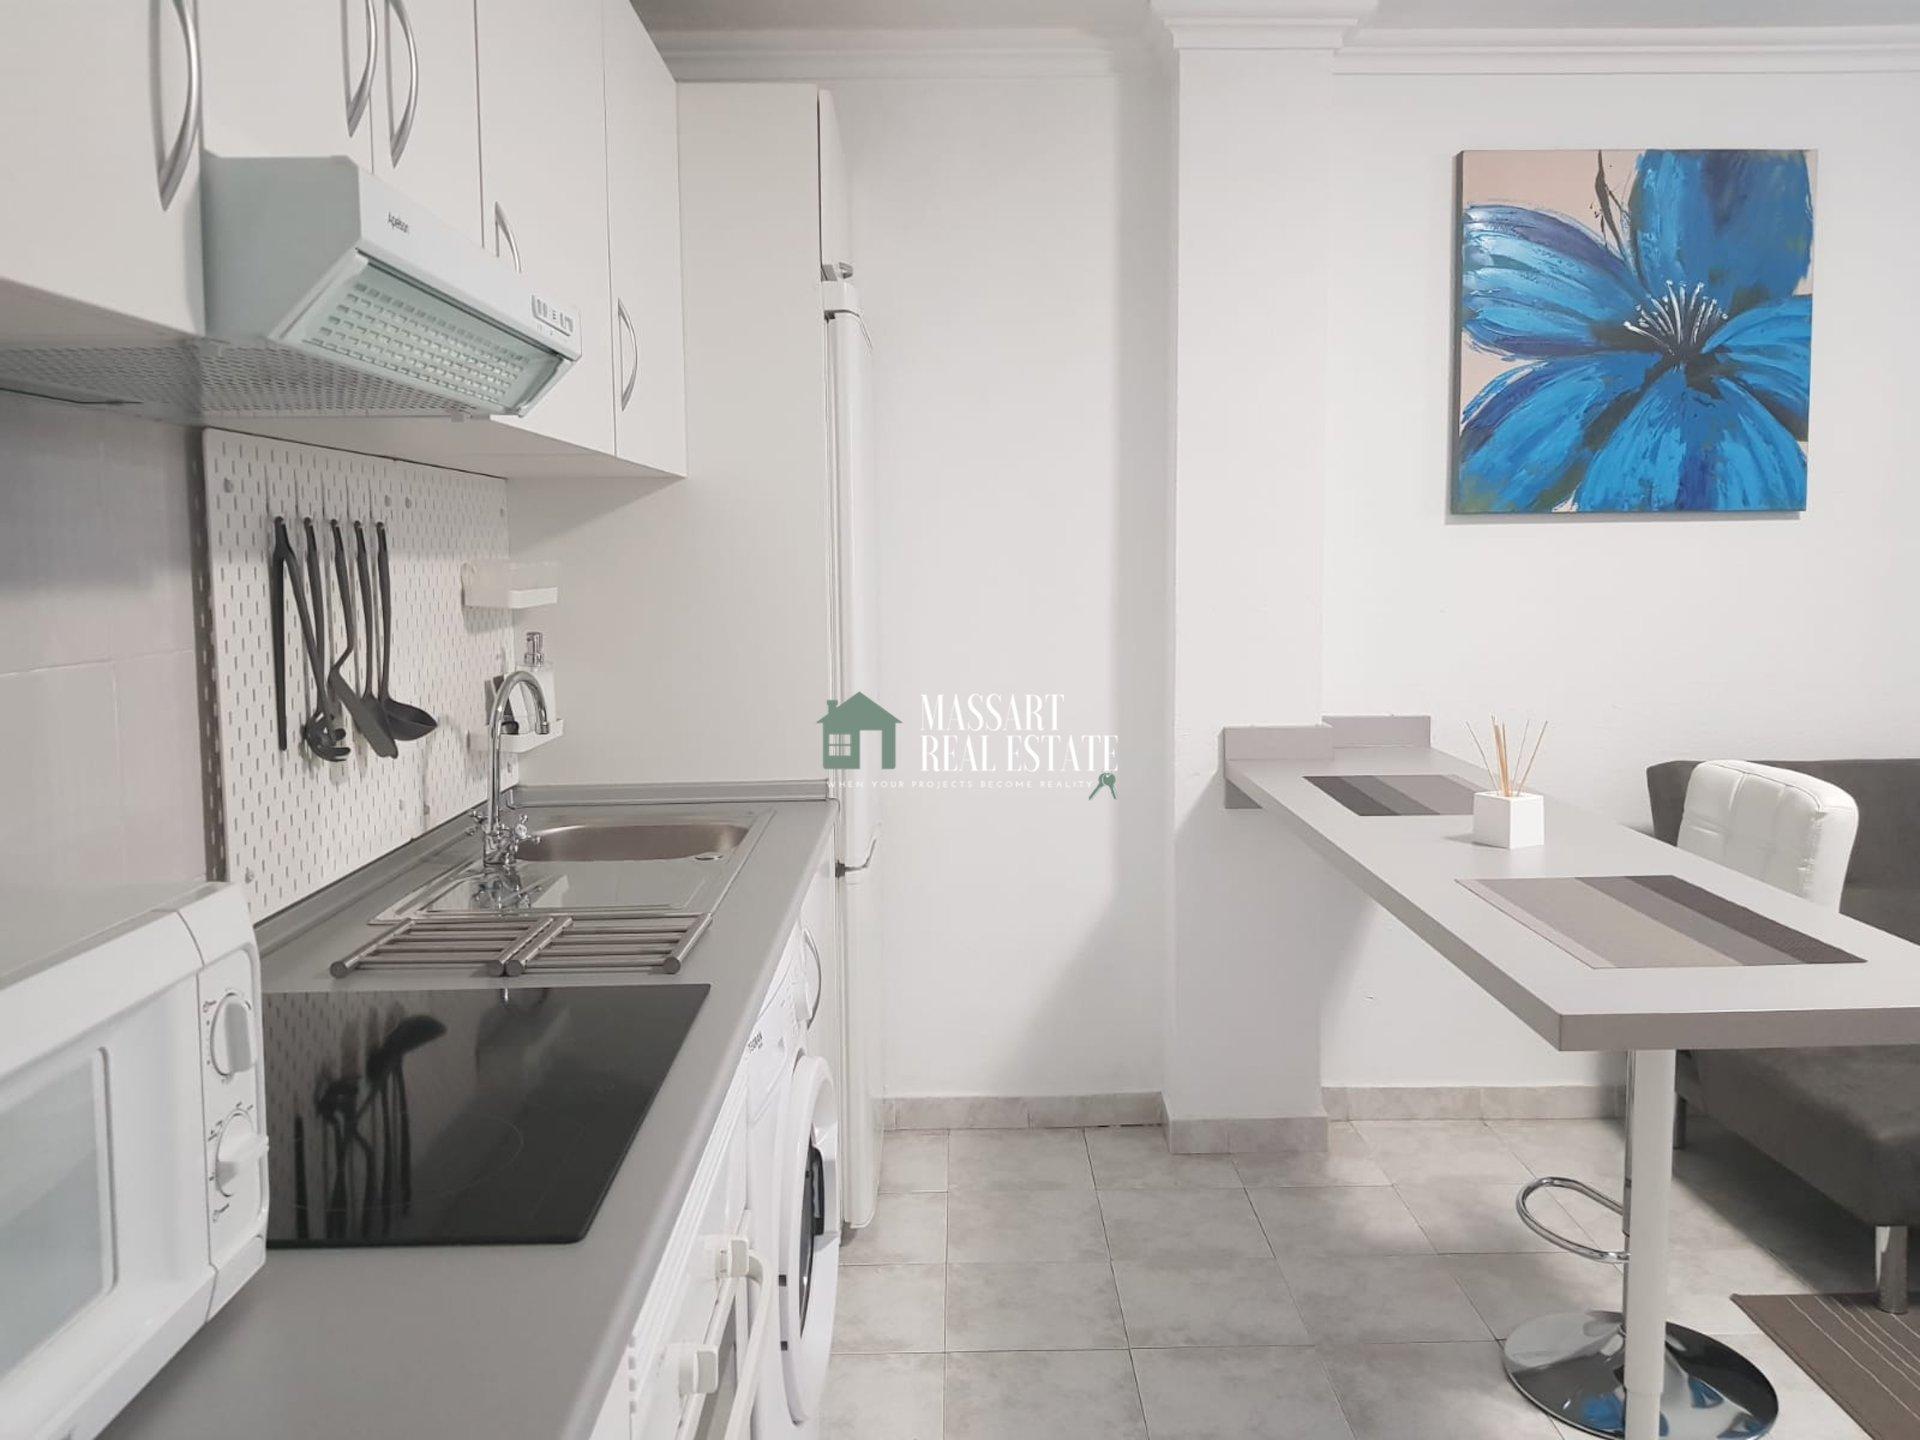 In affitto nel centro di Adeje, appartamento di circa 60 m2 completamente arredato in stile moderno e caratterizzato dal suo buono stato.